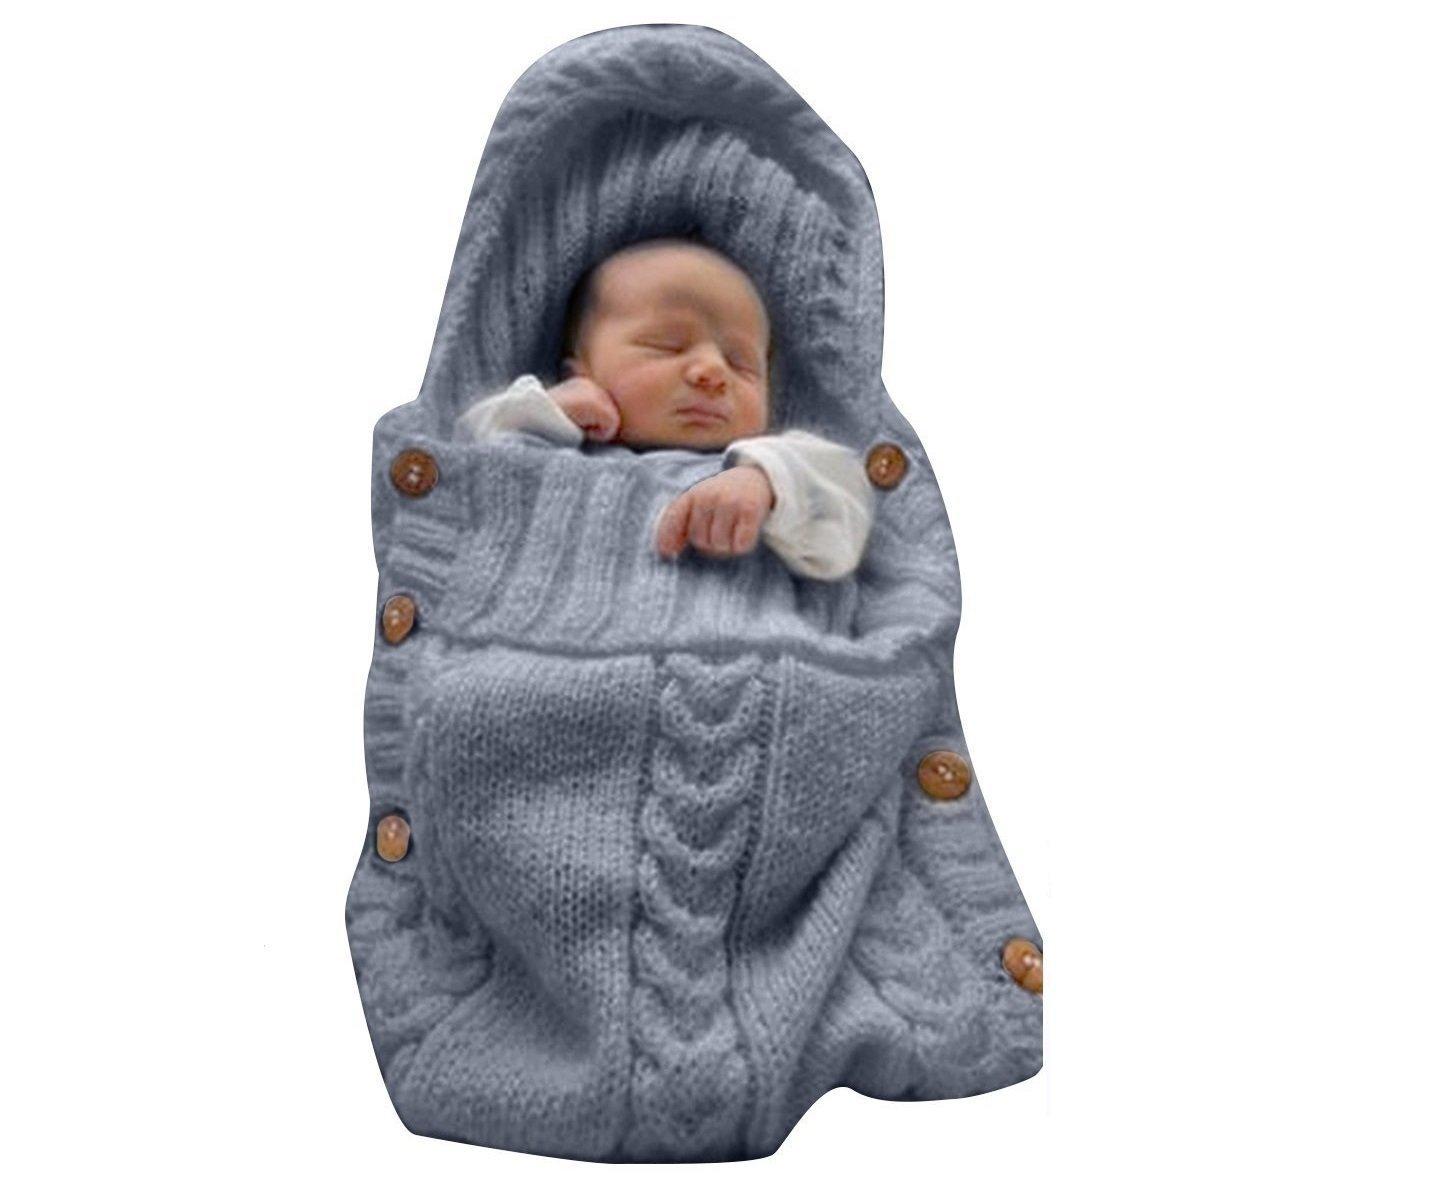 Baby Sacos de dormir, Franch entime recién nacido Baby punto - Manta saco de dormir niña niño bebé Techos Wrap Swaddle Techos fotografía techo para 0 - 12 ...